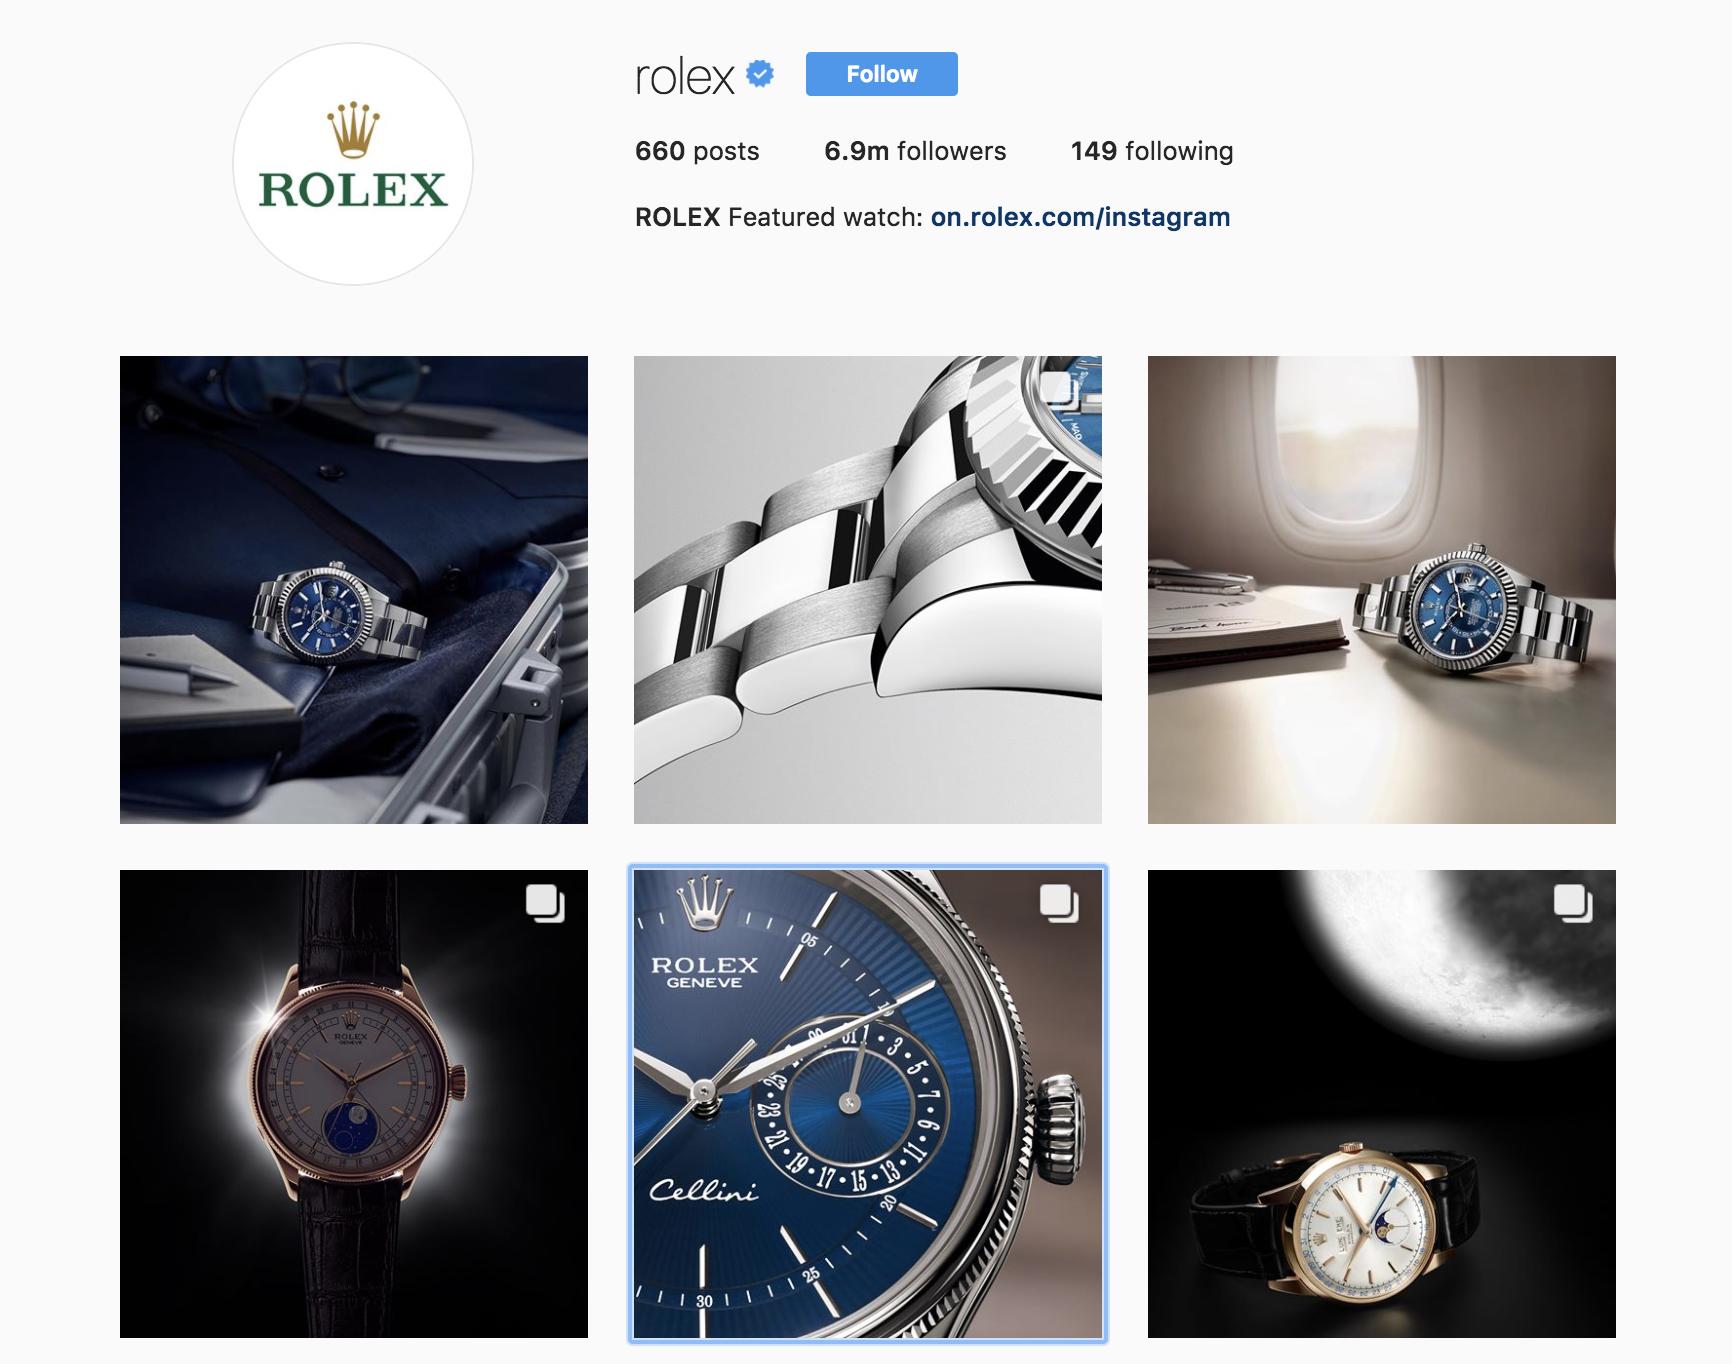 rolex-best-brands-on-instagram